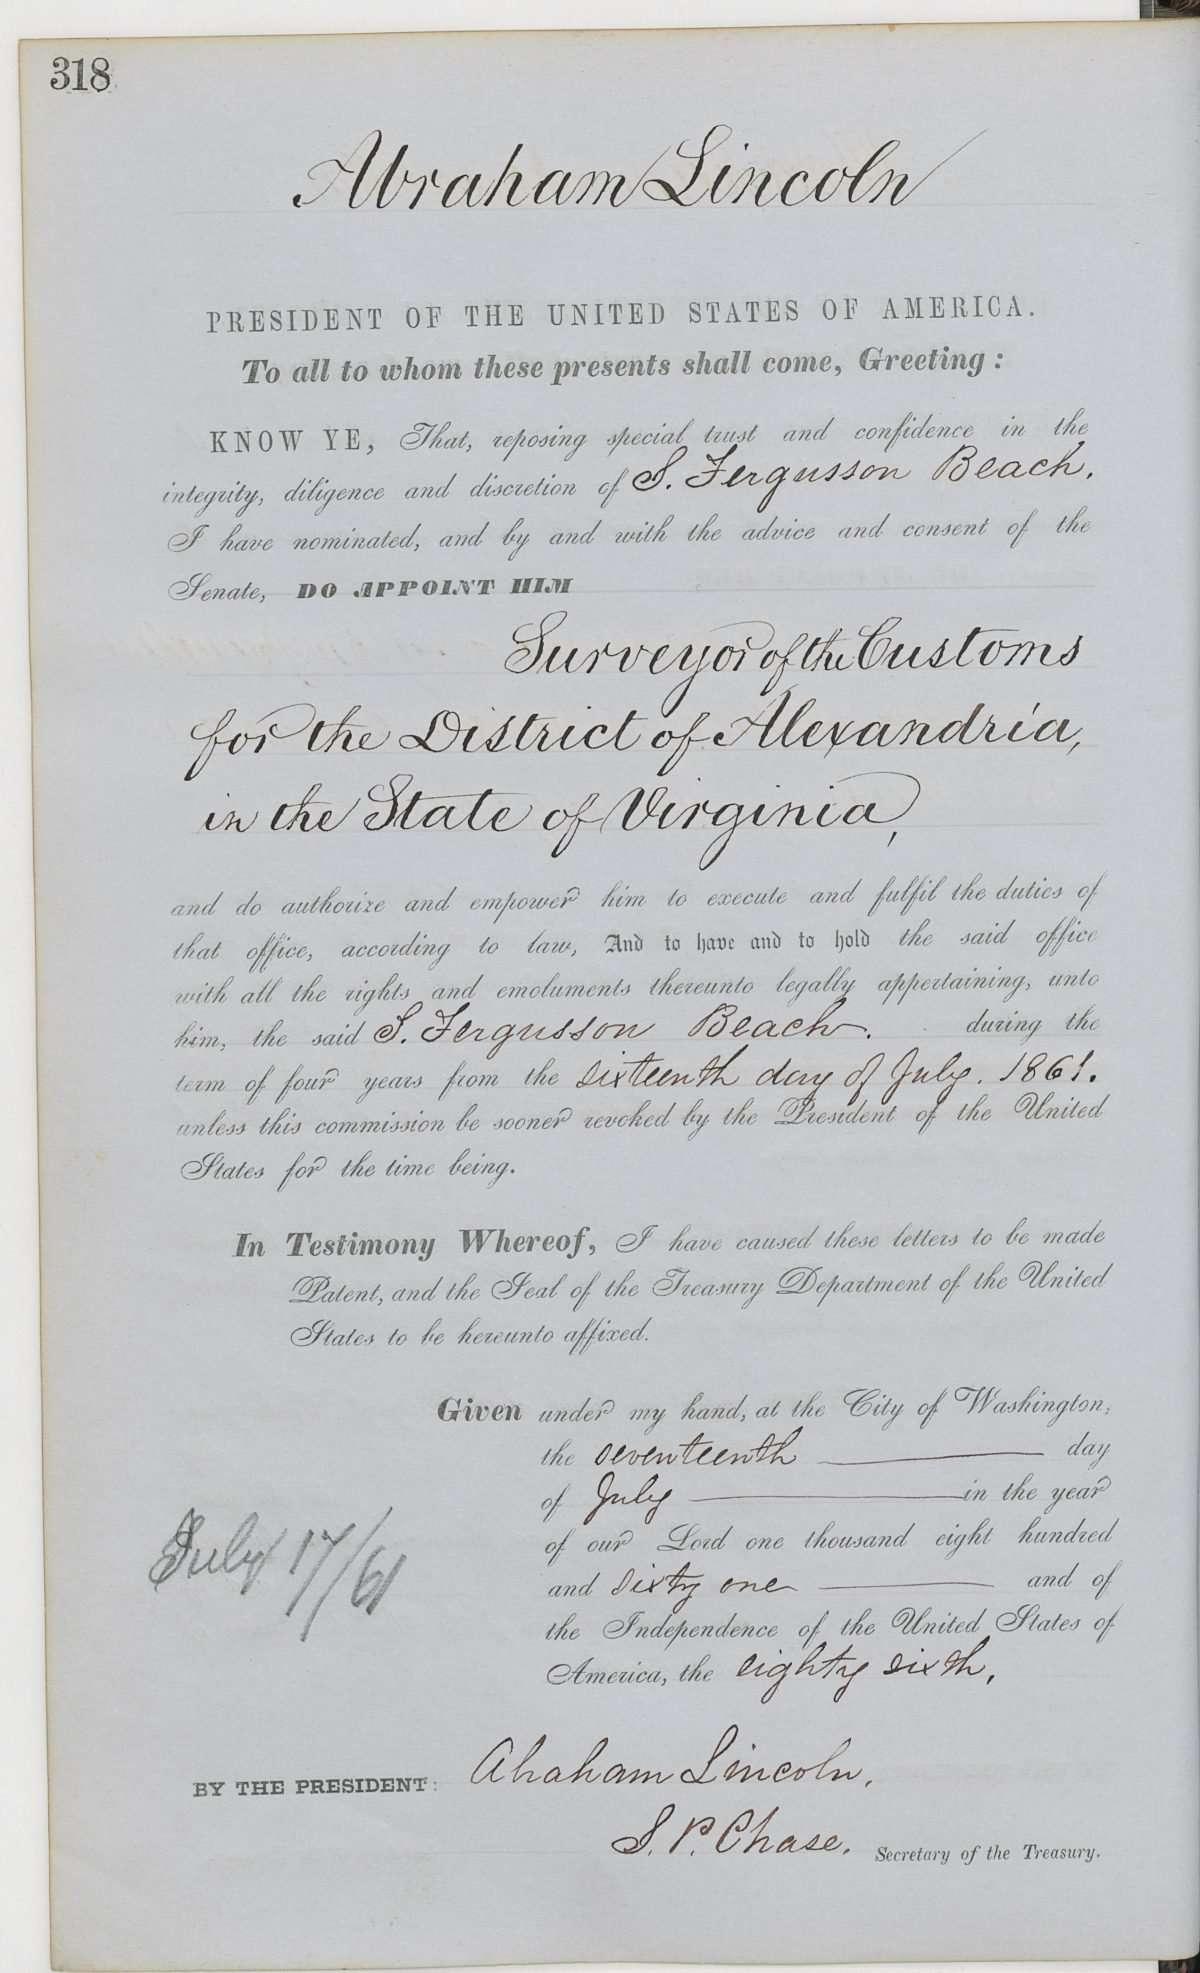 S. Ferguson Beach's Appointment as a Customs Surveyor